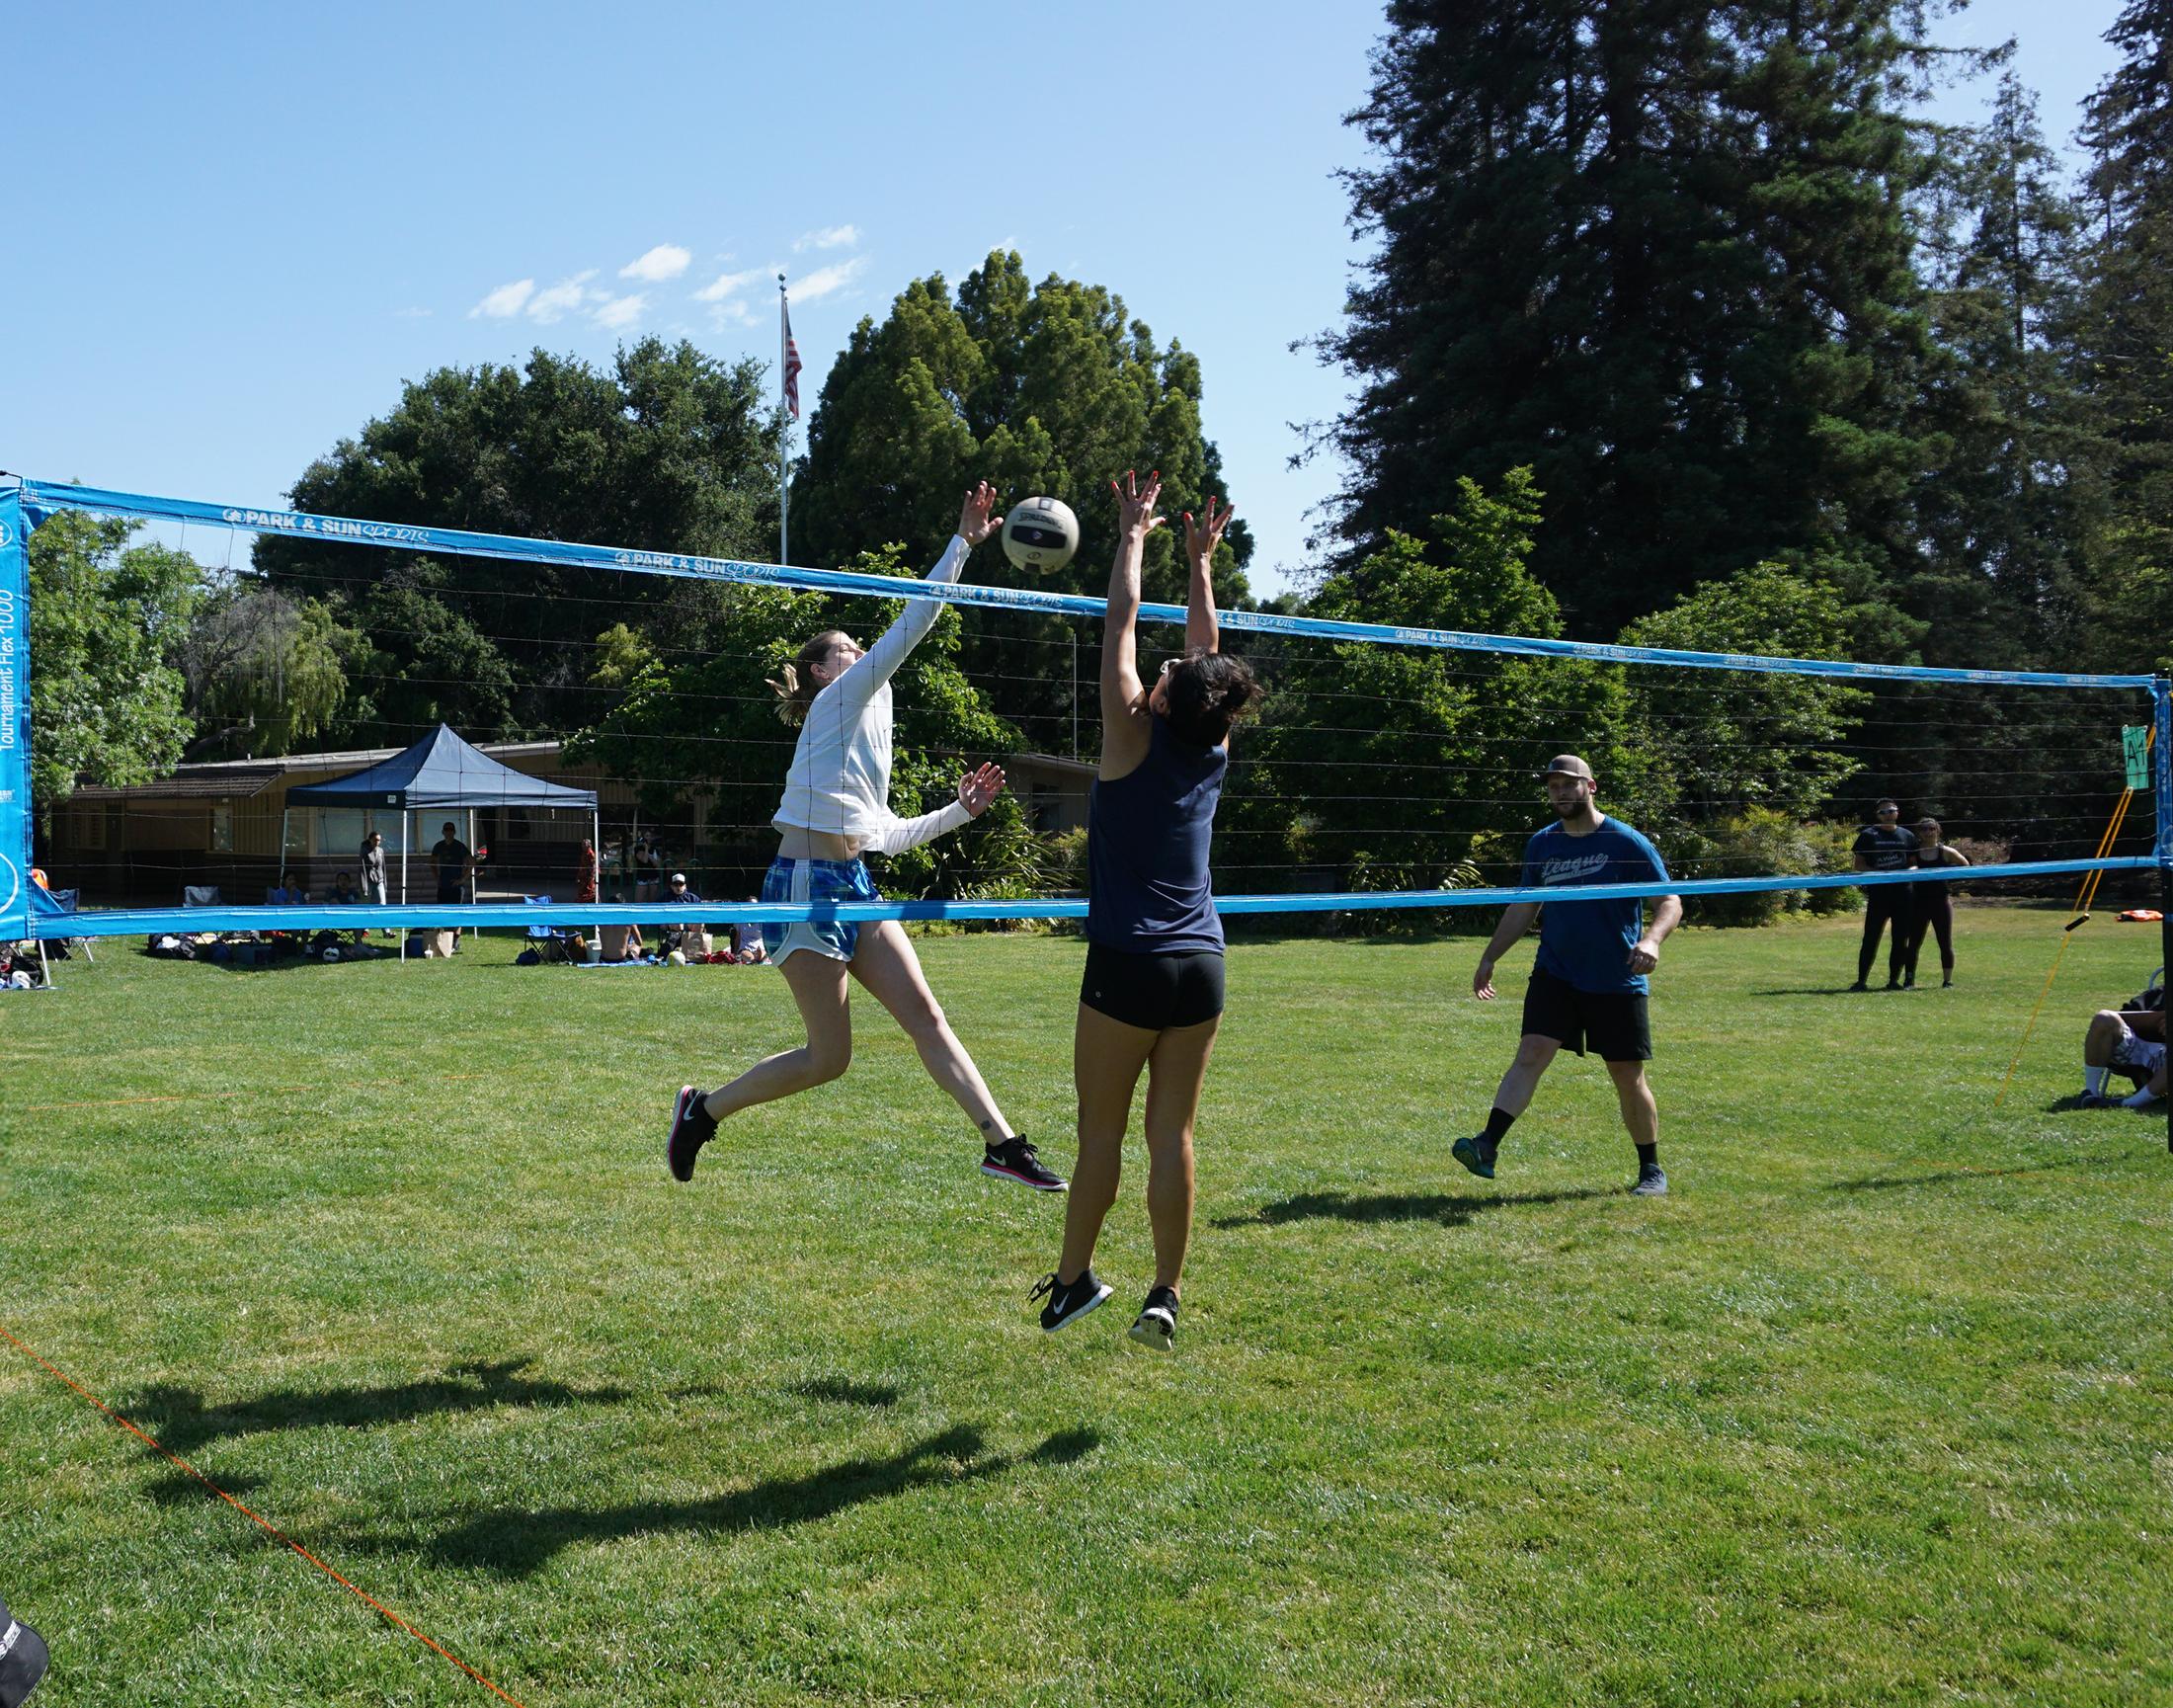 Ts Flex 1000 Tournament Flex 1000 Outdoor Volleyball Net